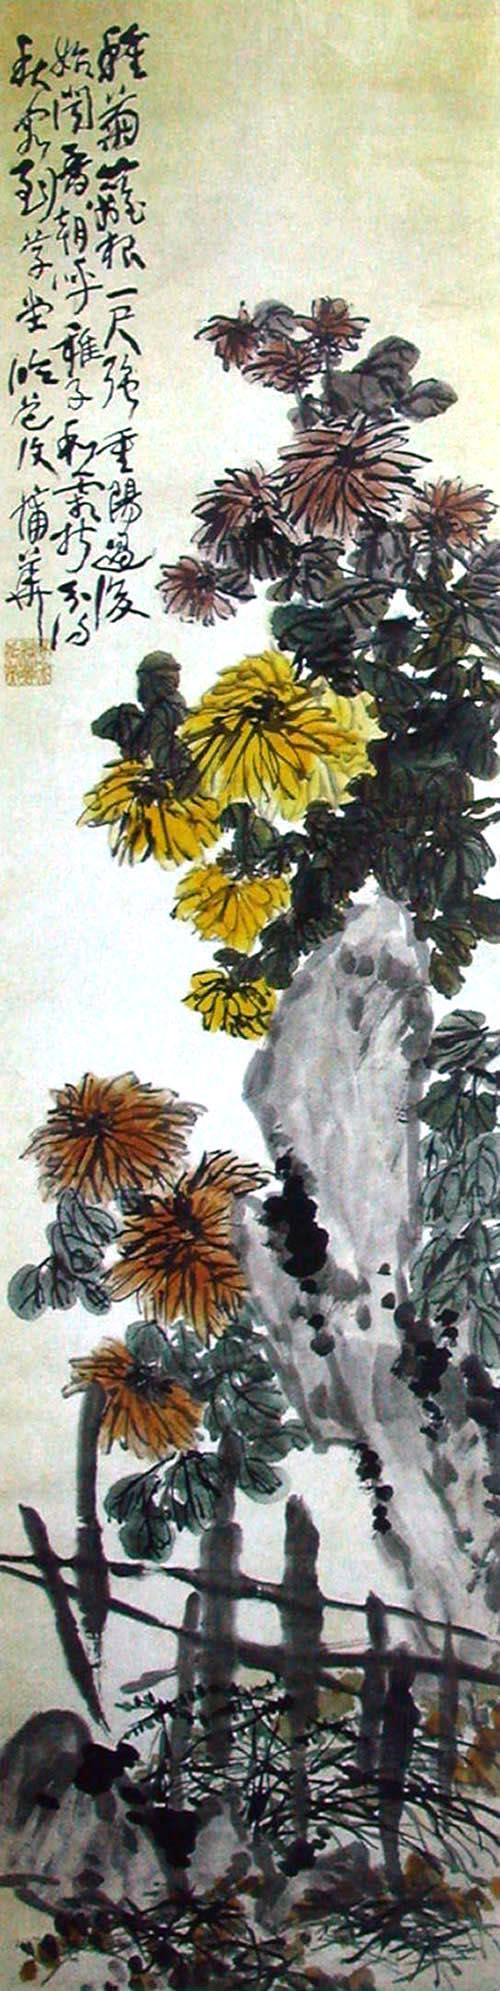 Хризантема. Художник Пу Хуа. 1903 р. Фото із secretchina.com